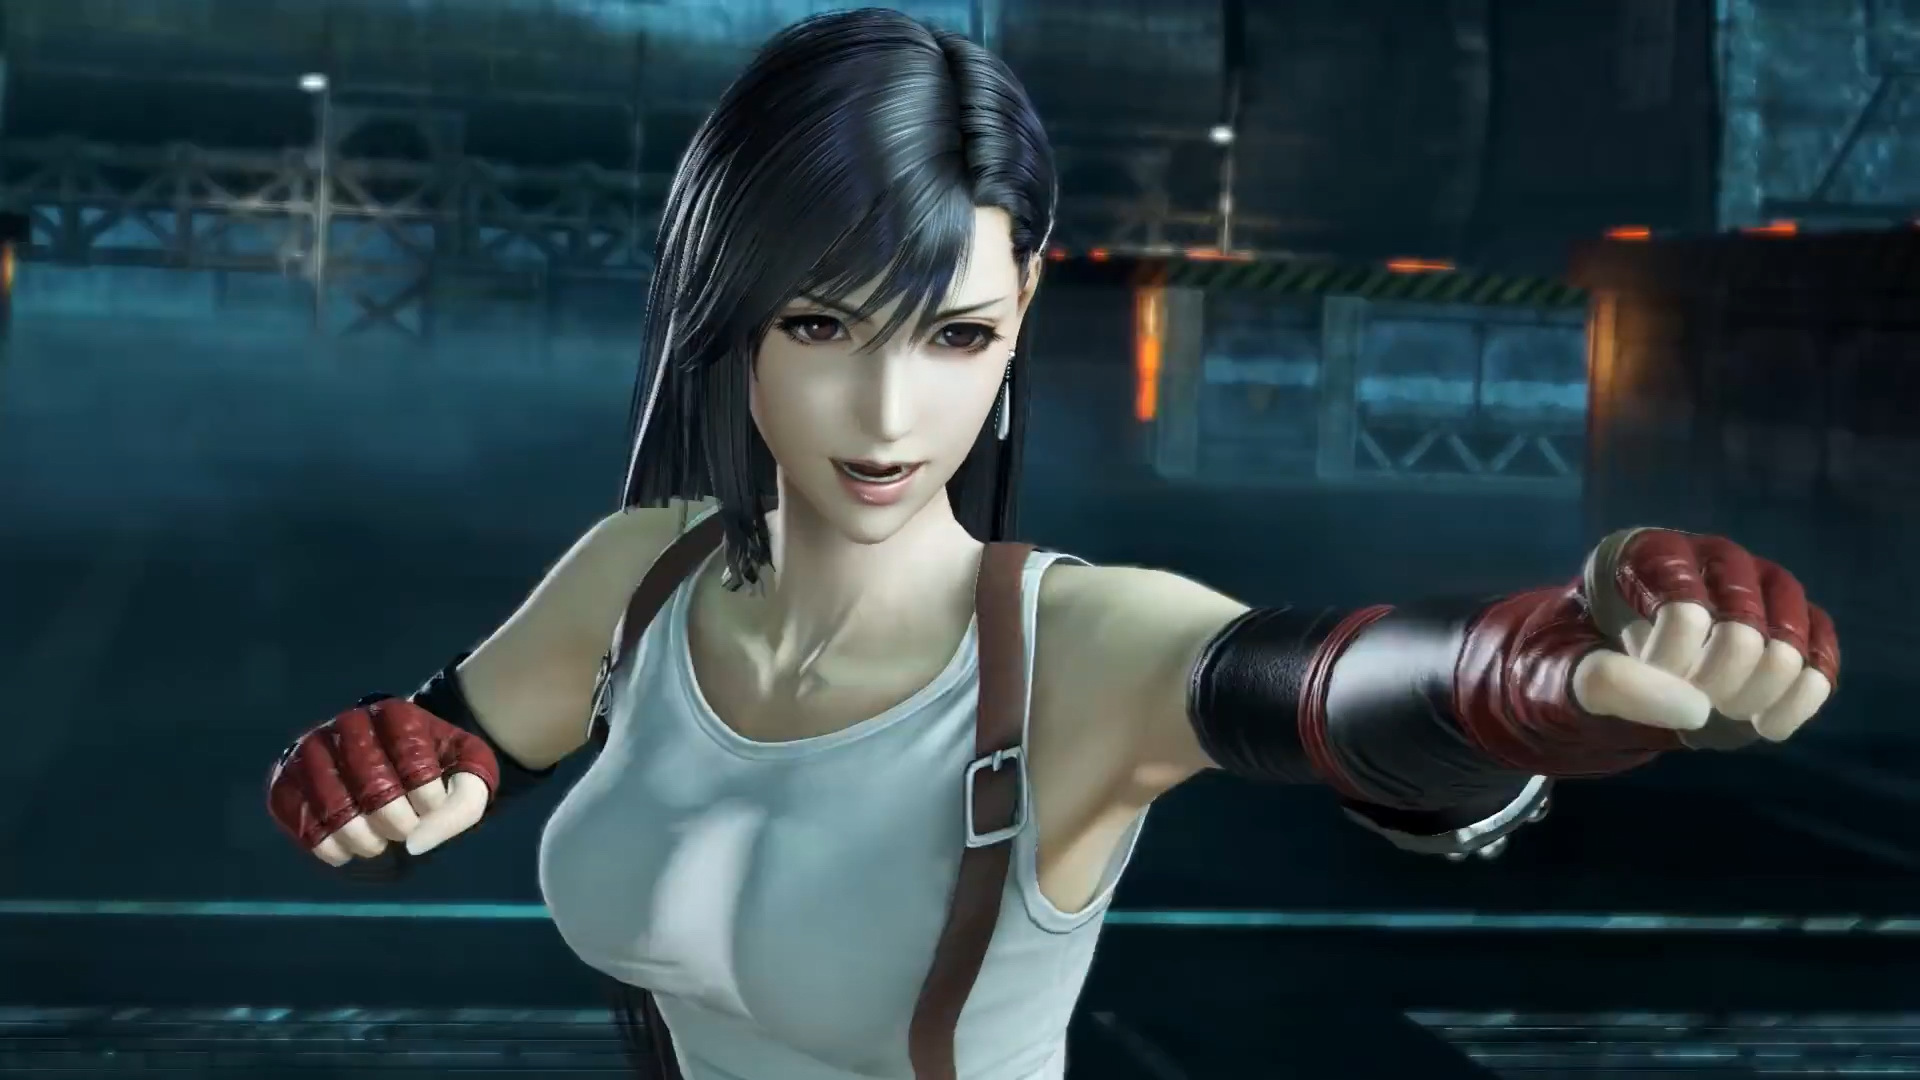 《最终幻想7:重制版》PS4评级:13+含血腥暴力性暗示